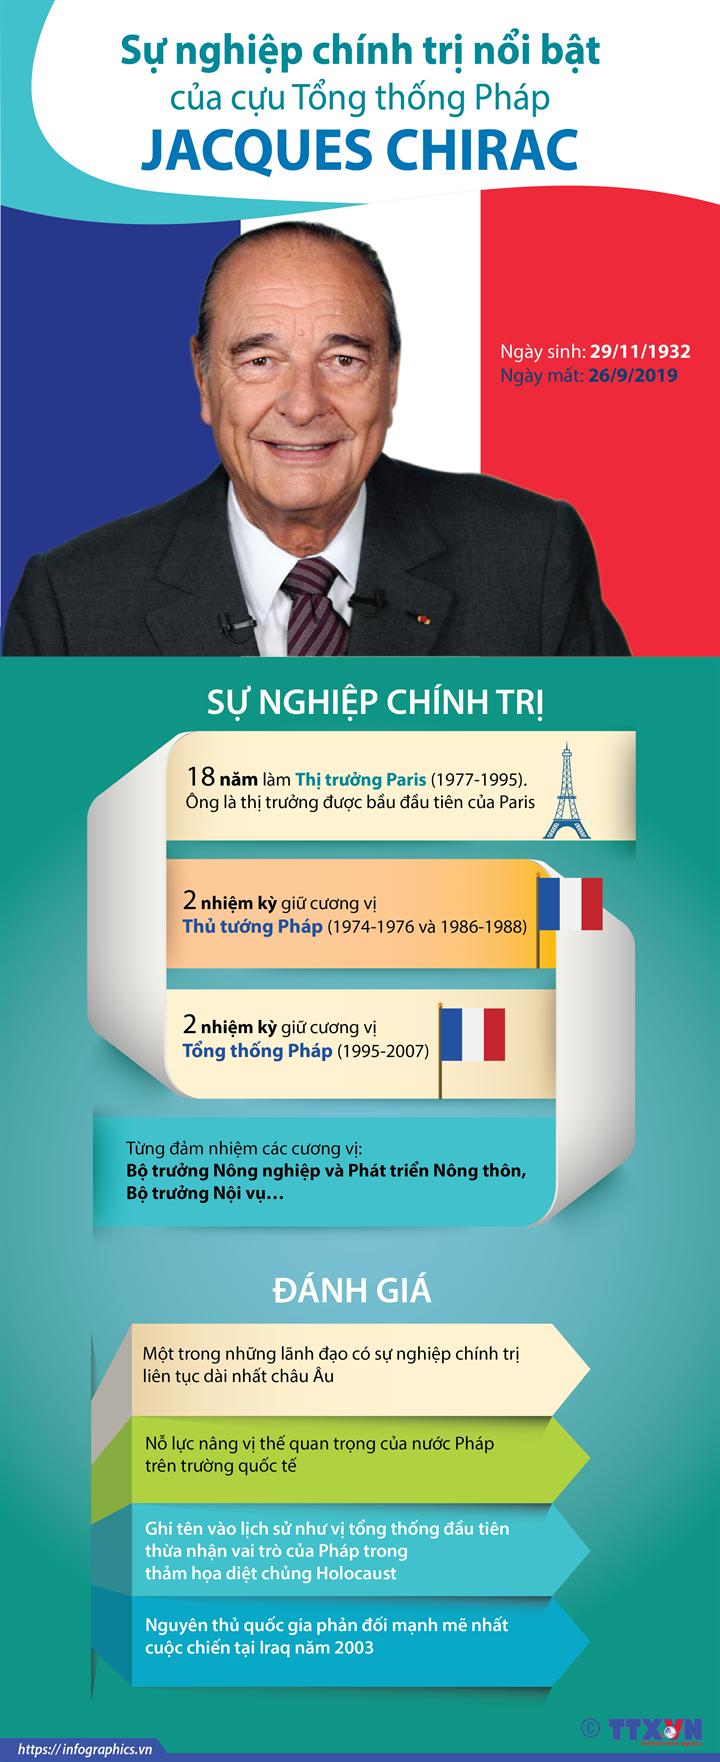 Sự nghiệp chính trị nổi bật của cựu Tổng thống Pháp Jacques Chirac